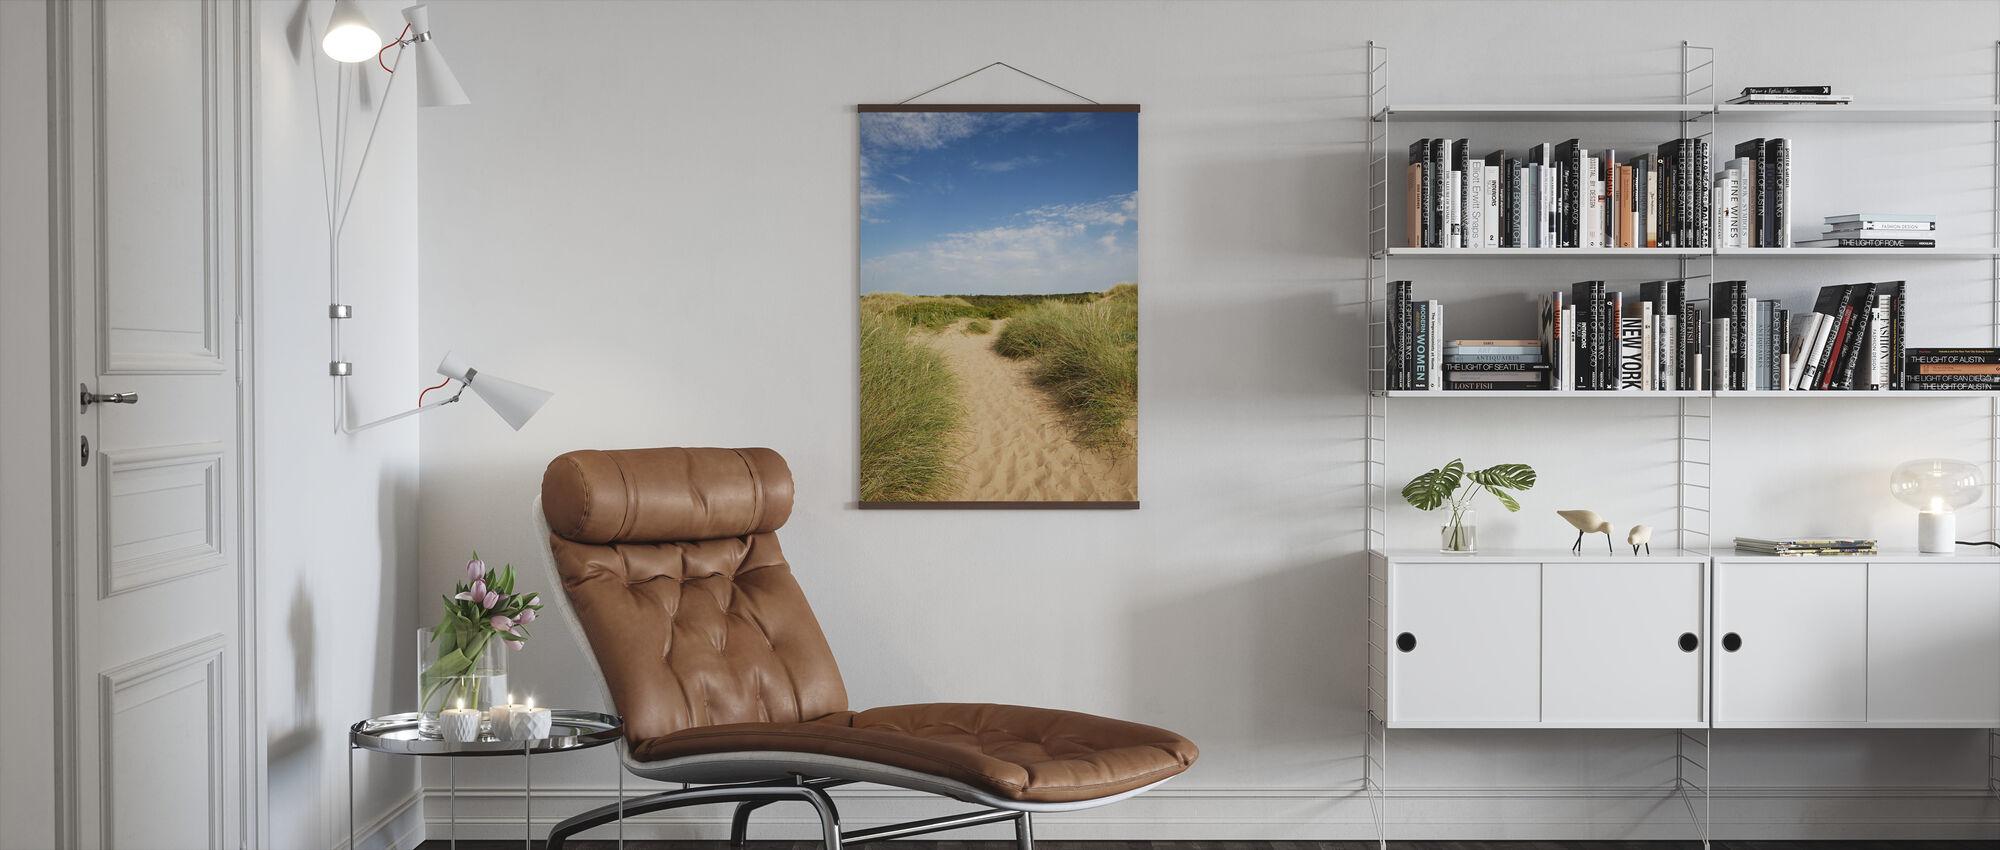 Beach in Tylösand, Sweden - Poster - Living Room